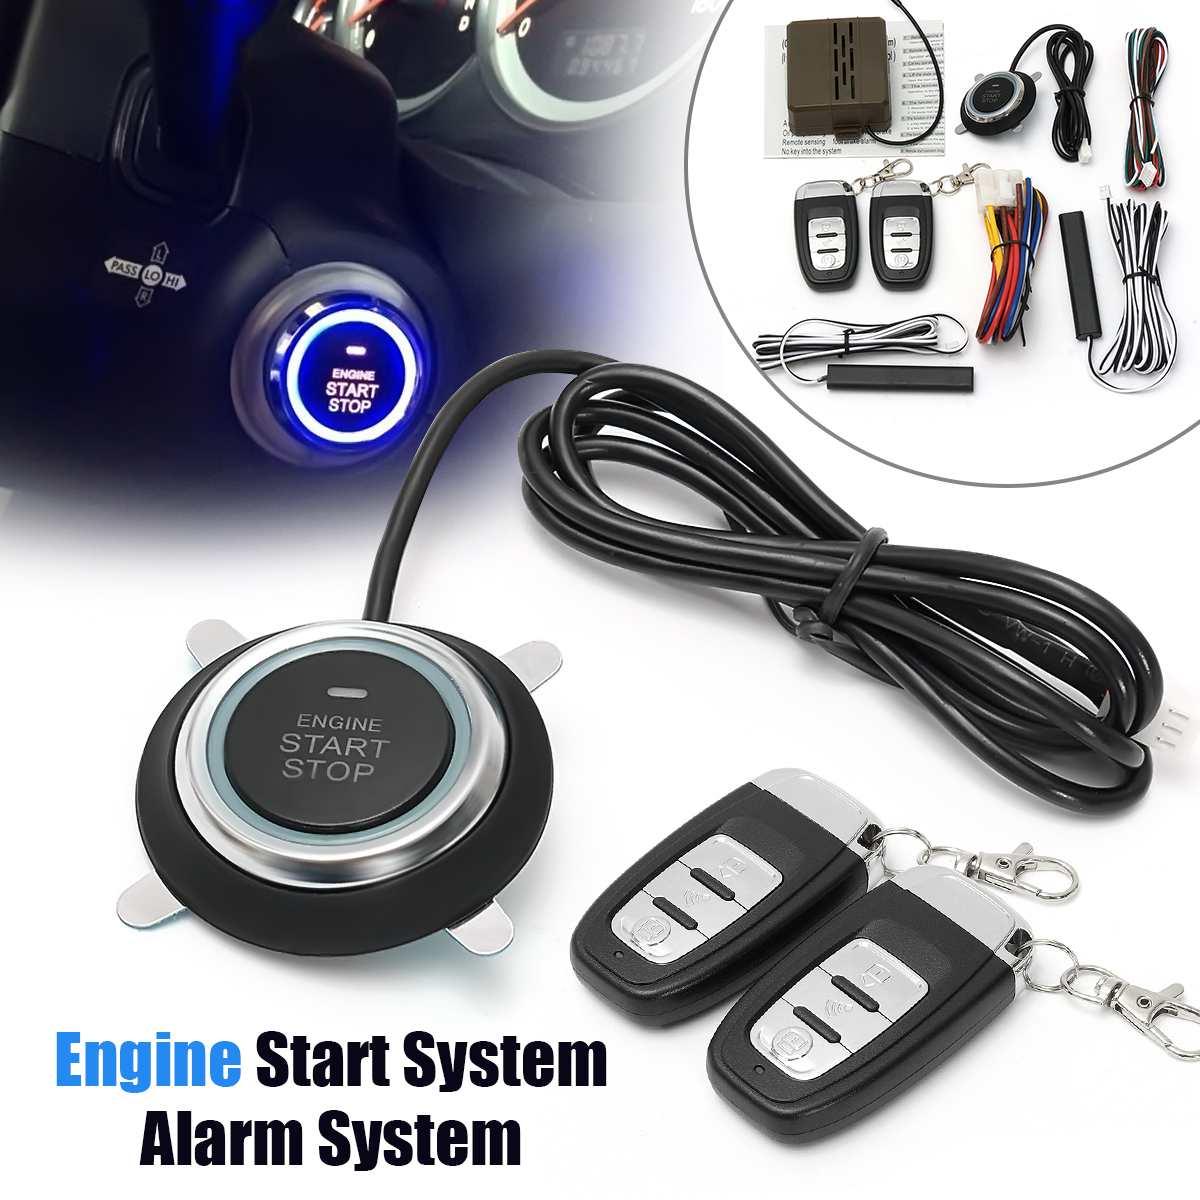 Audew del motor del coche de arranque y parada SUV de entrada sin llave de arranque del motor sistema de alarma botón arrancador remoto para accesorios autos del coche